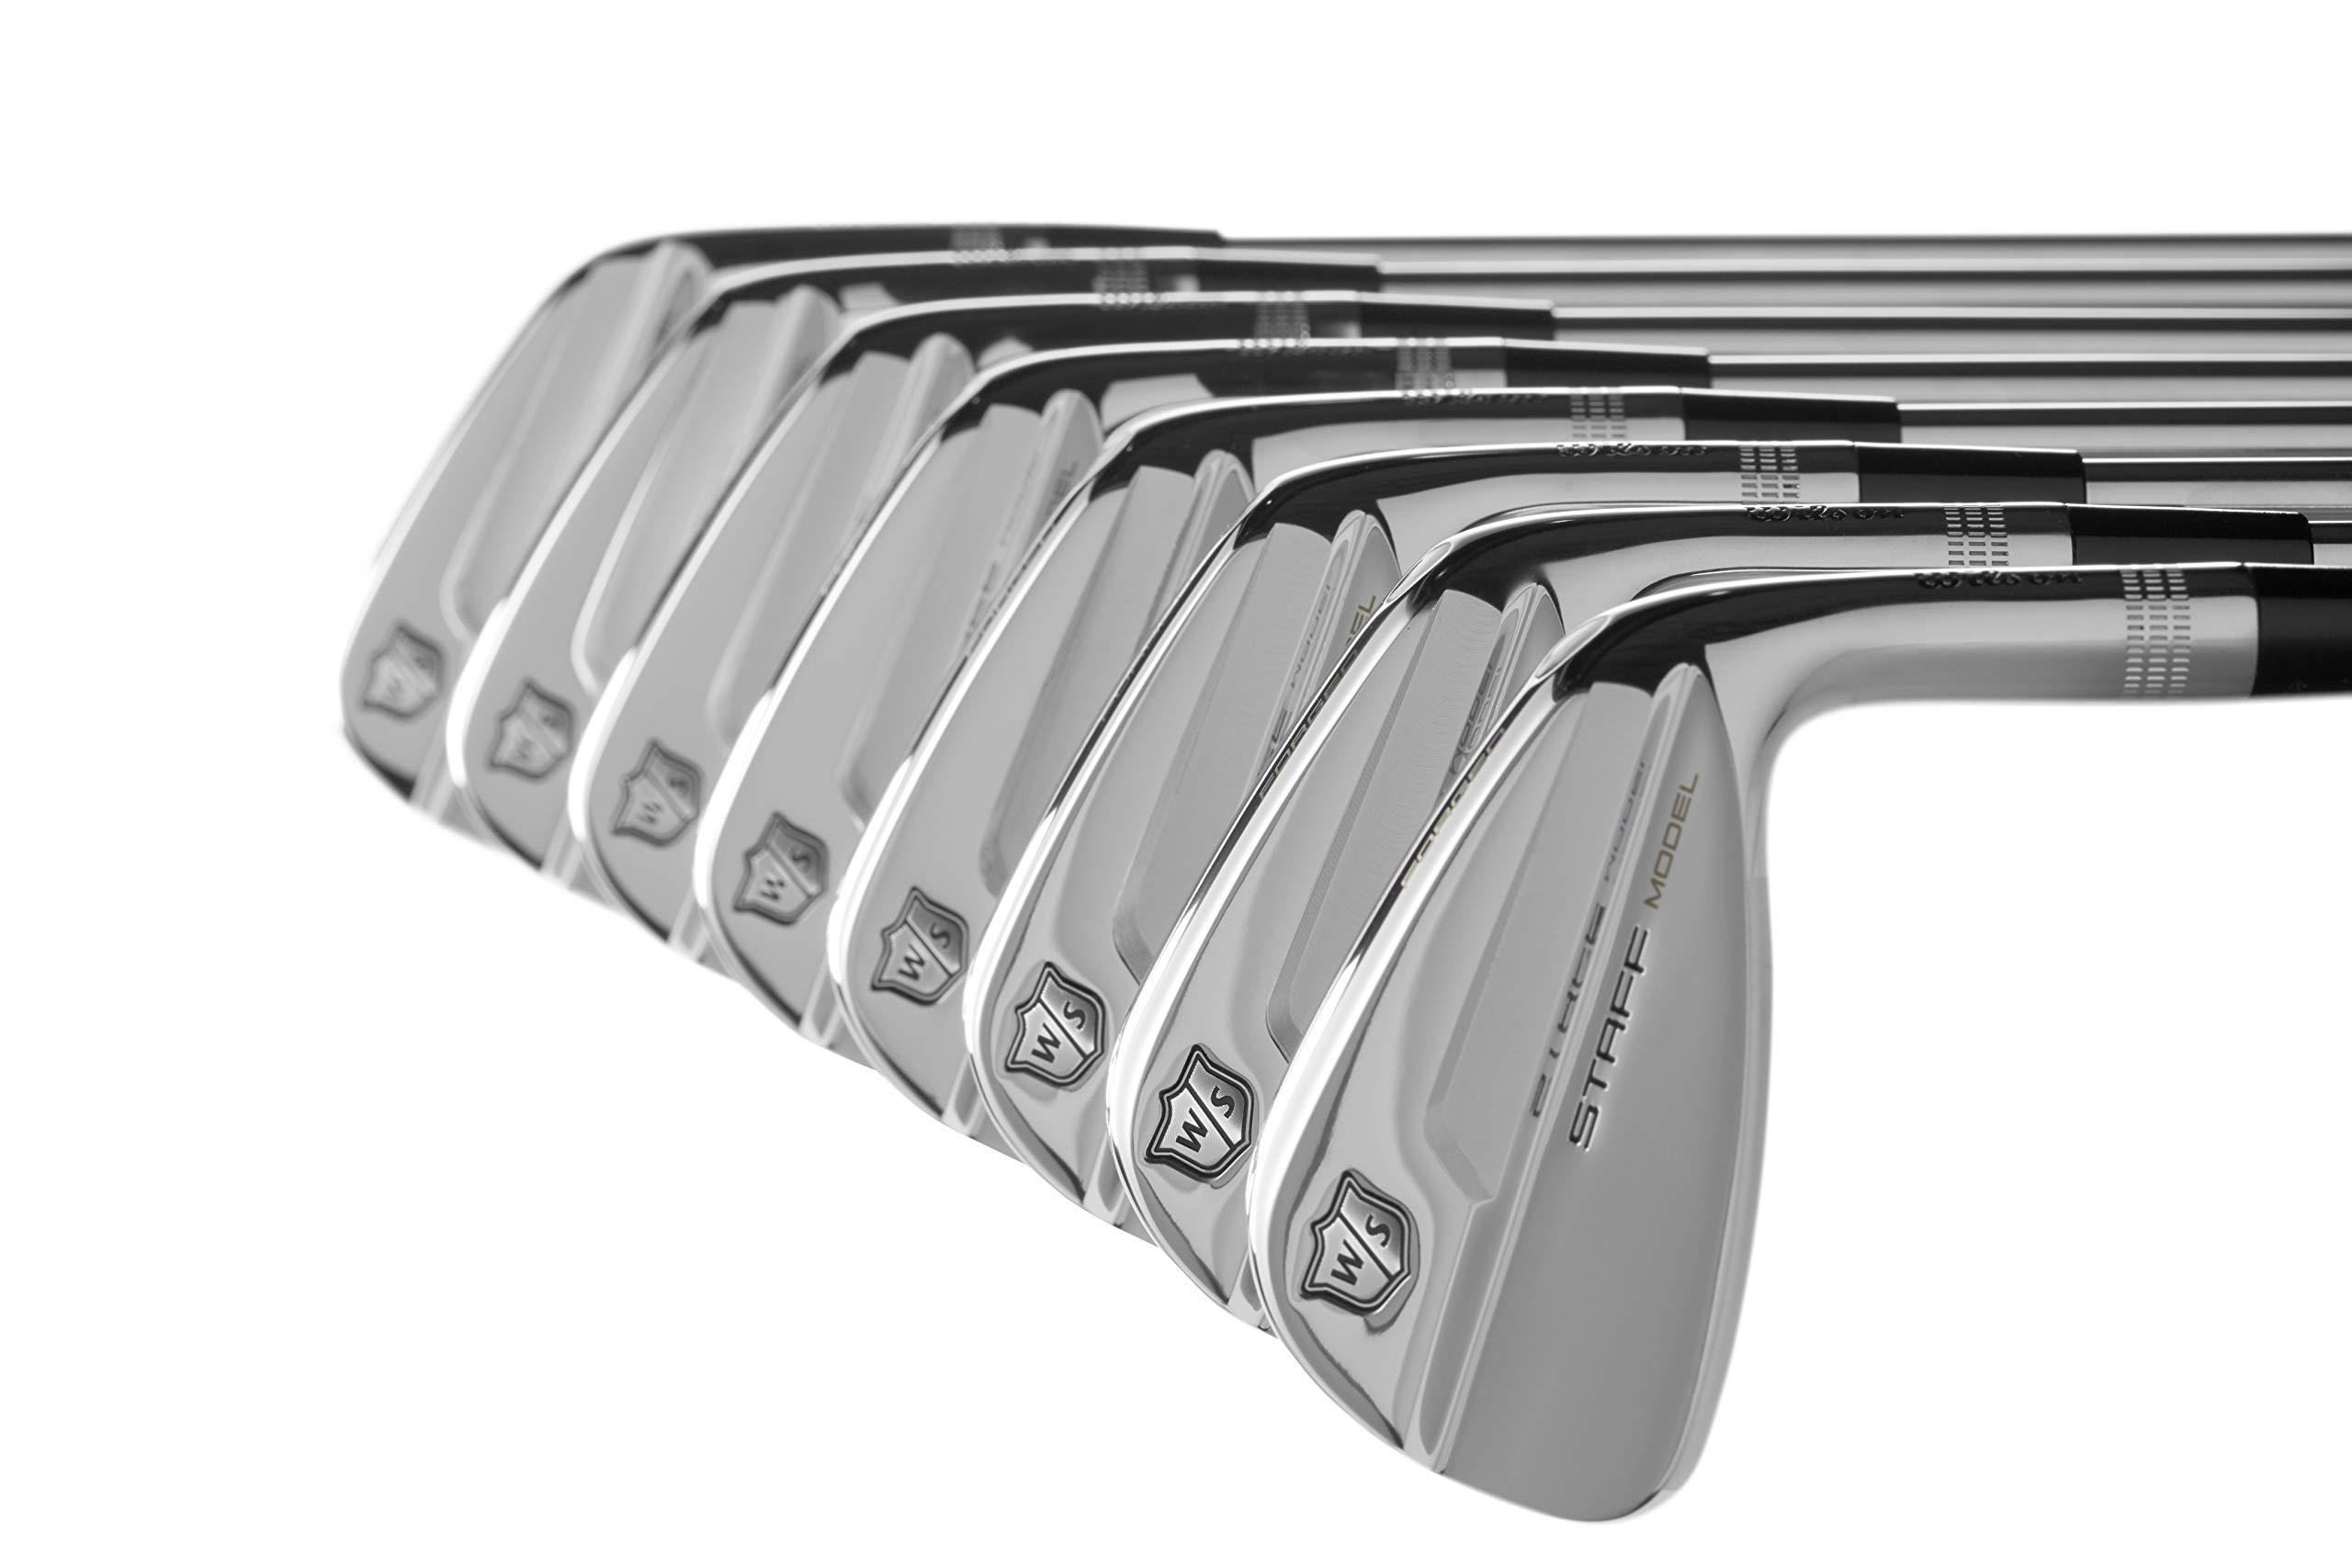 Wilson Staff Golf Men's Right Handed Blades (8 piece Set) by Wilson Golf